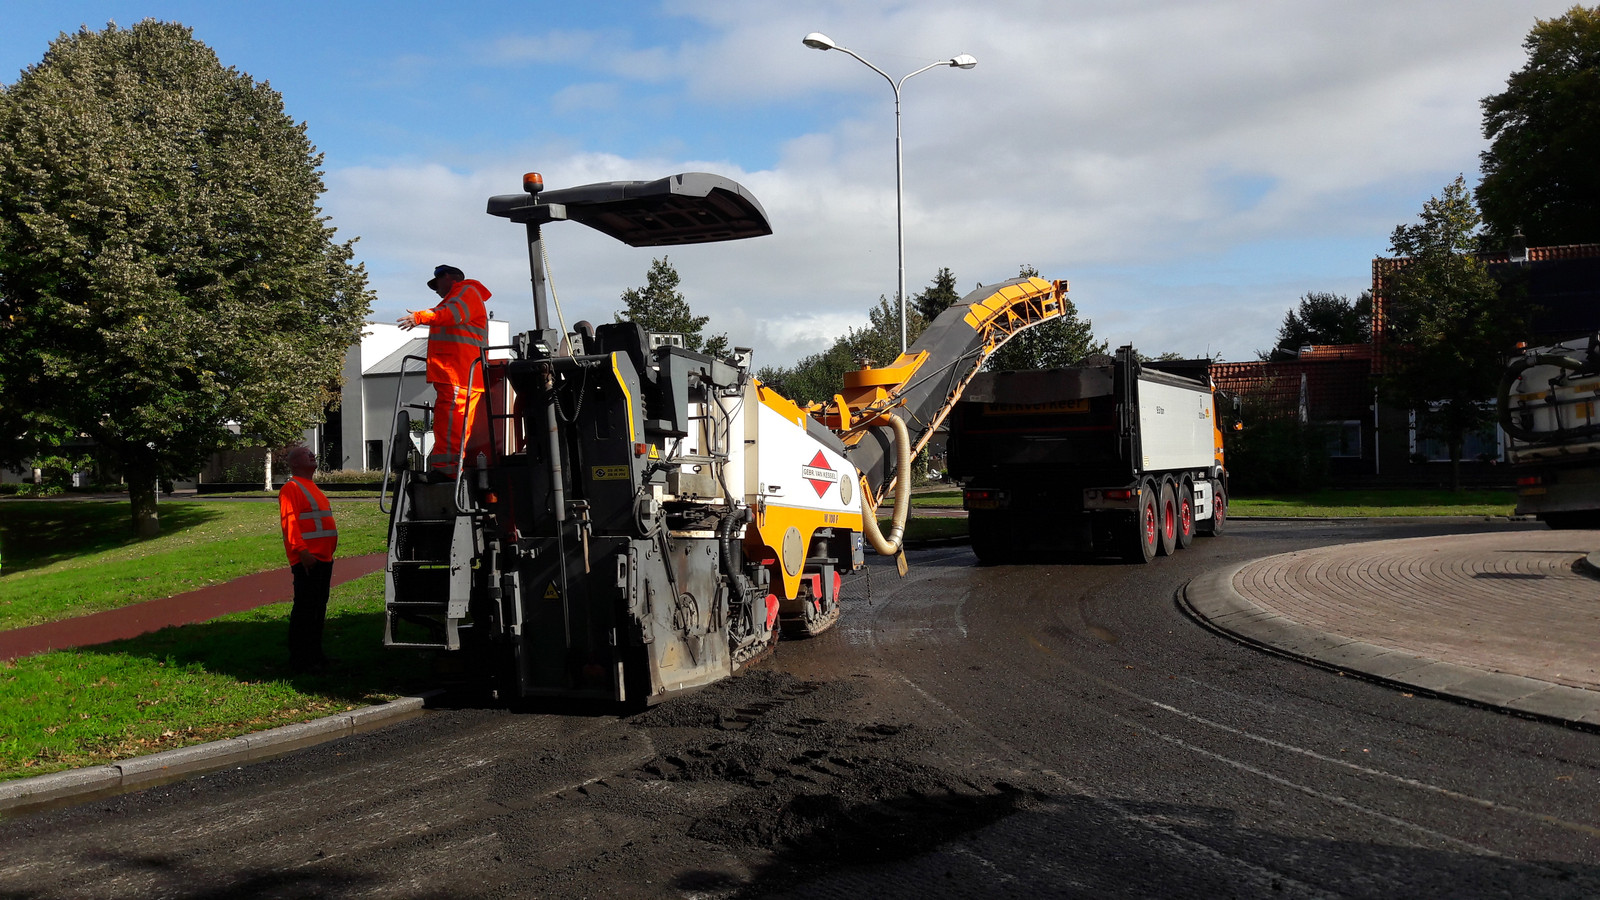 Vorig jaar was de Kasteellaan ook even moeilijk  toegankelijk, toen werd gewerkt aan de rotonde tussen de laan en de Nieuweweg.